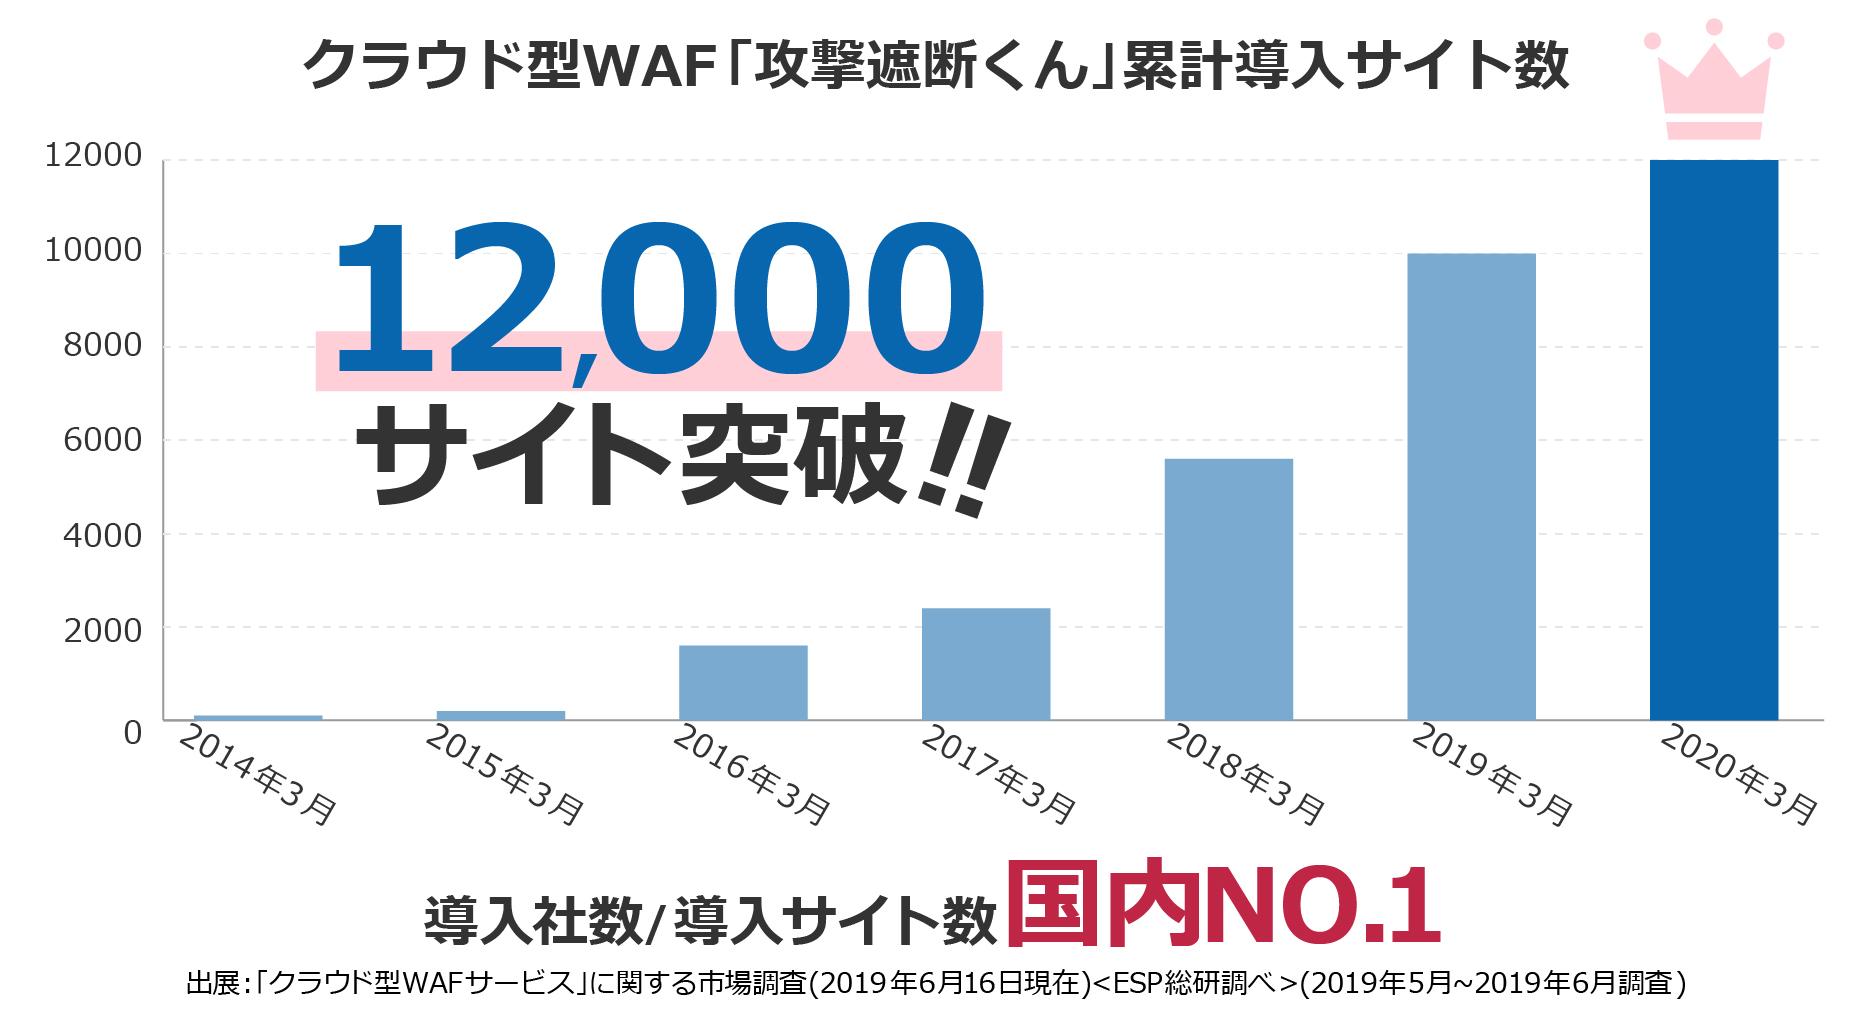 クラウド型WAF「攻撃遮断くん」導入数/導入サイト数国内No.1